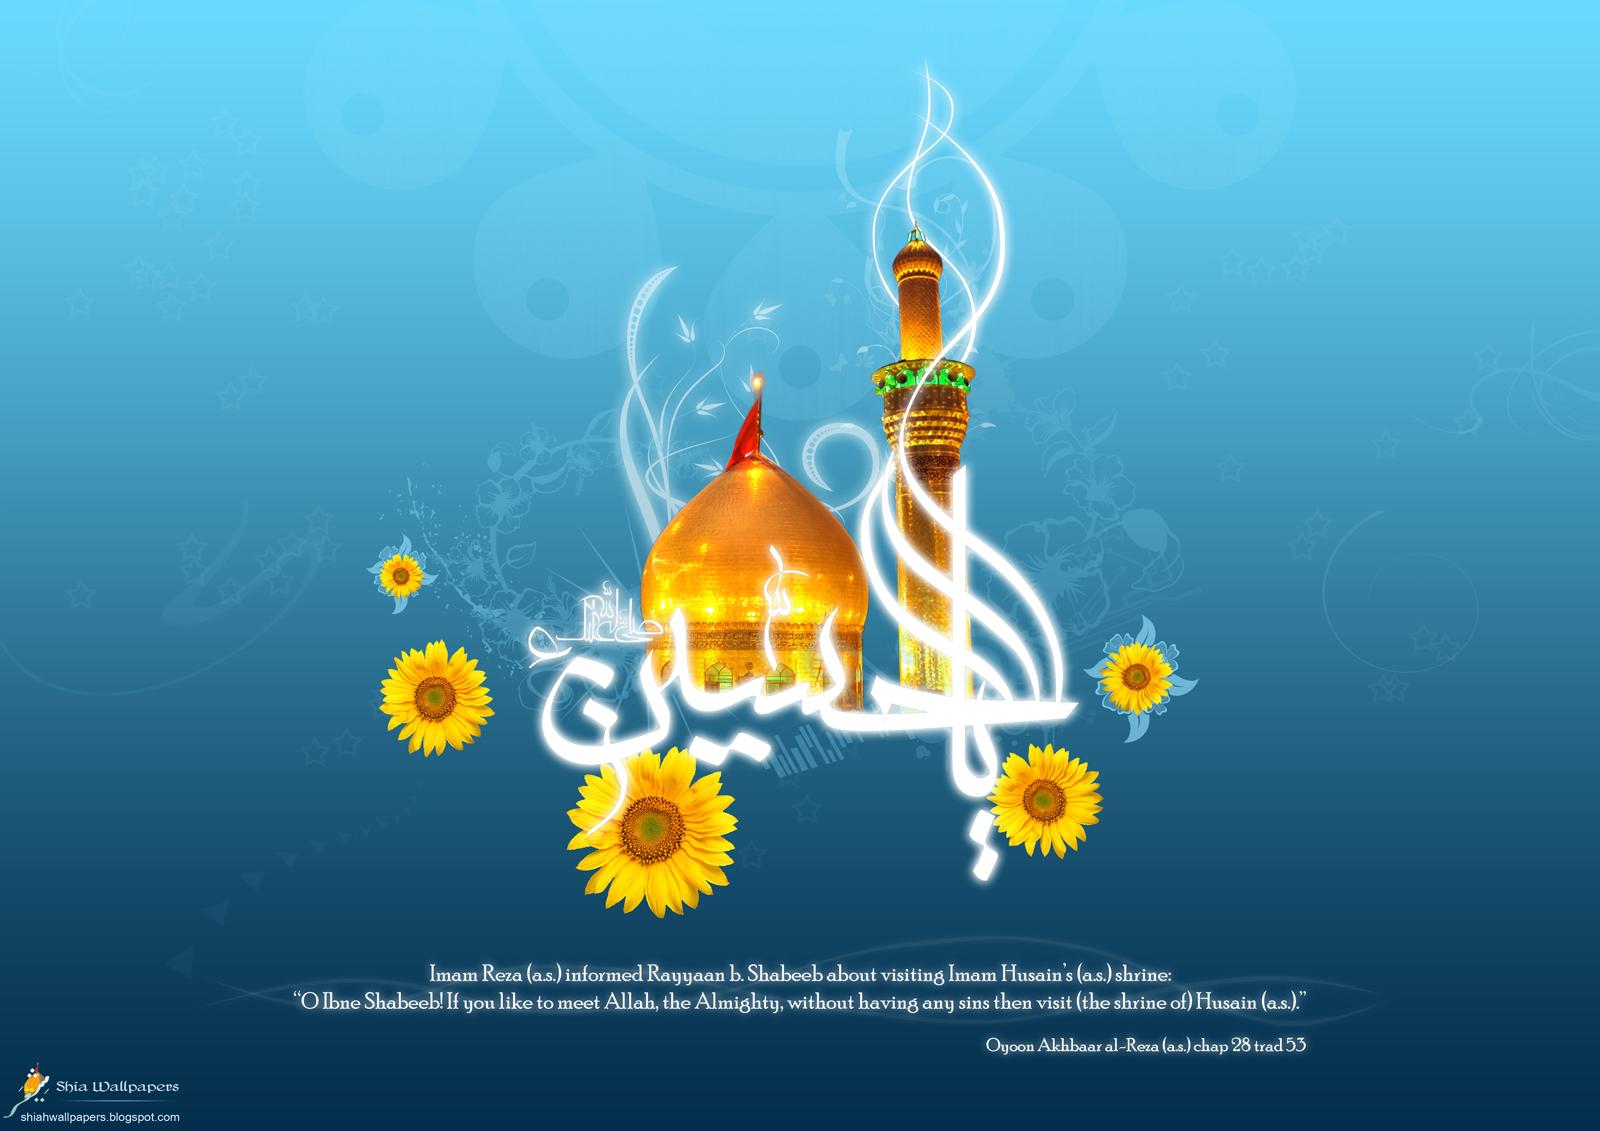 http://3.bp.blogspot.com/_f-aG7DSYngU/TS3vuG0O1zI/AAAAAAAAAB8/Bp0cumMu1ZI/s1600/Imam+Hussain+Wiladat_LR.jpg